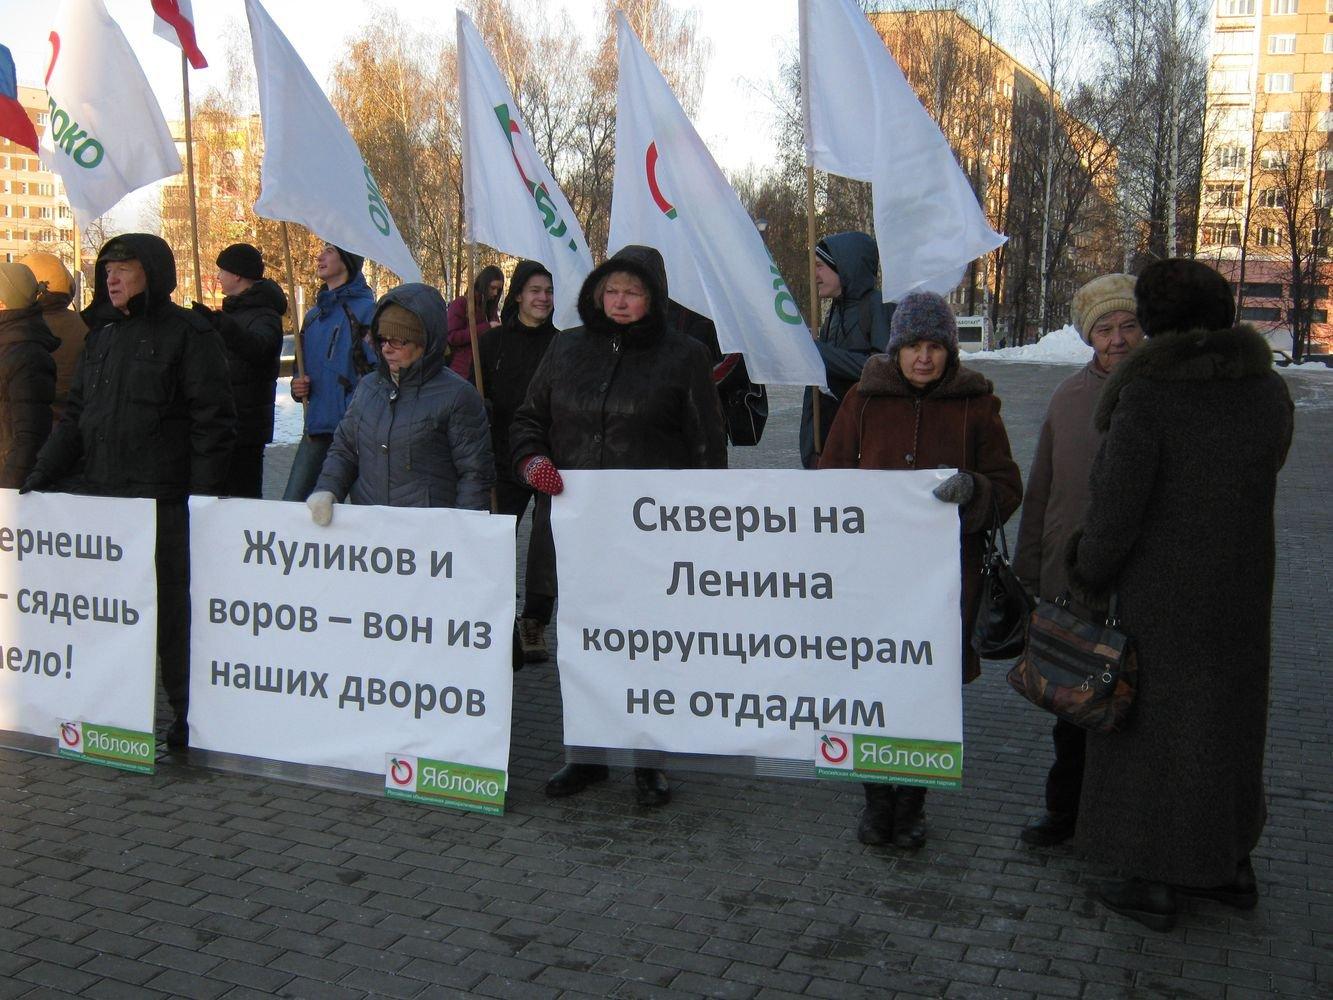 Пикет общественники провели 19 ноября перед зданием администрации Ижевска. Фото: ©День.org